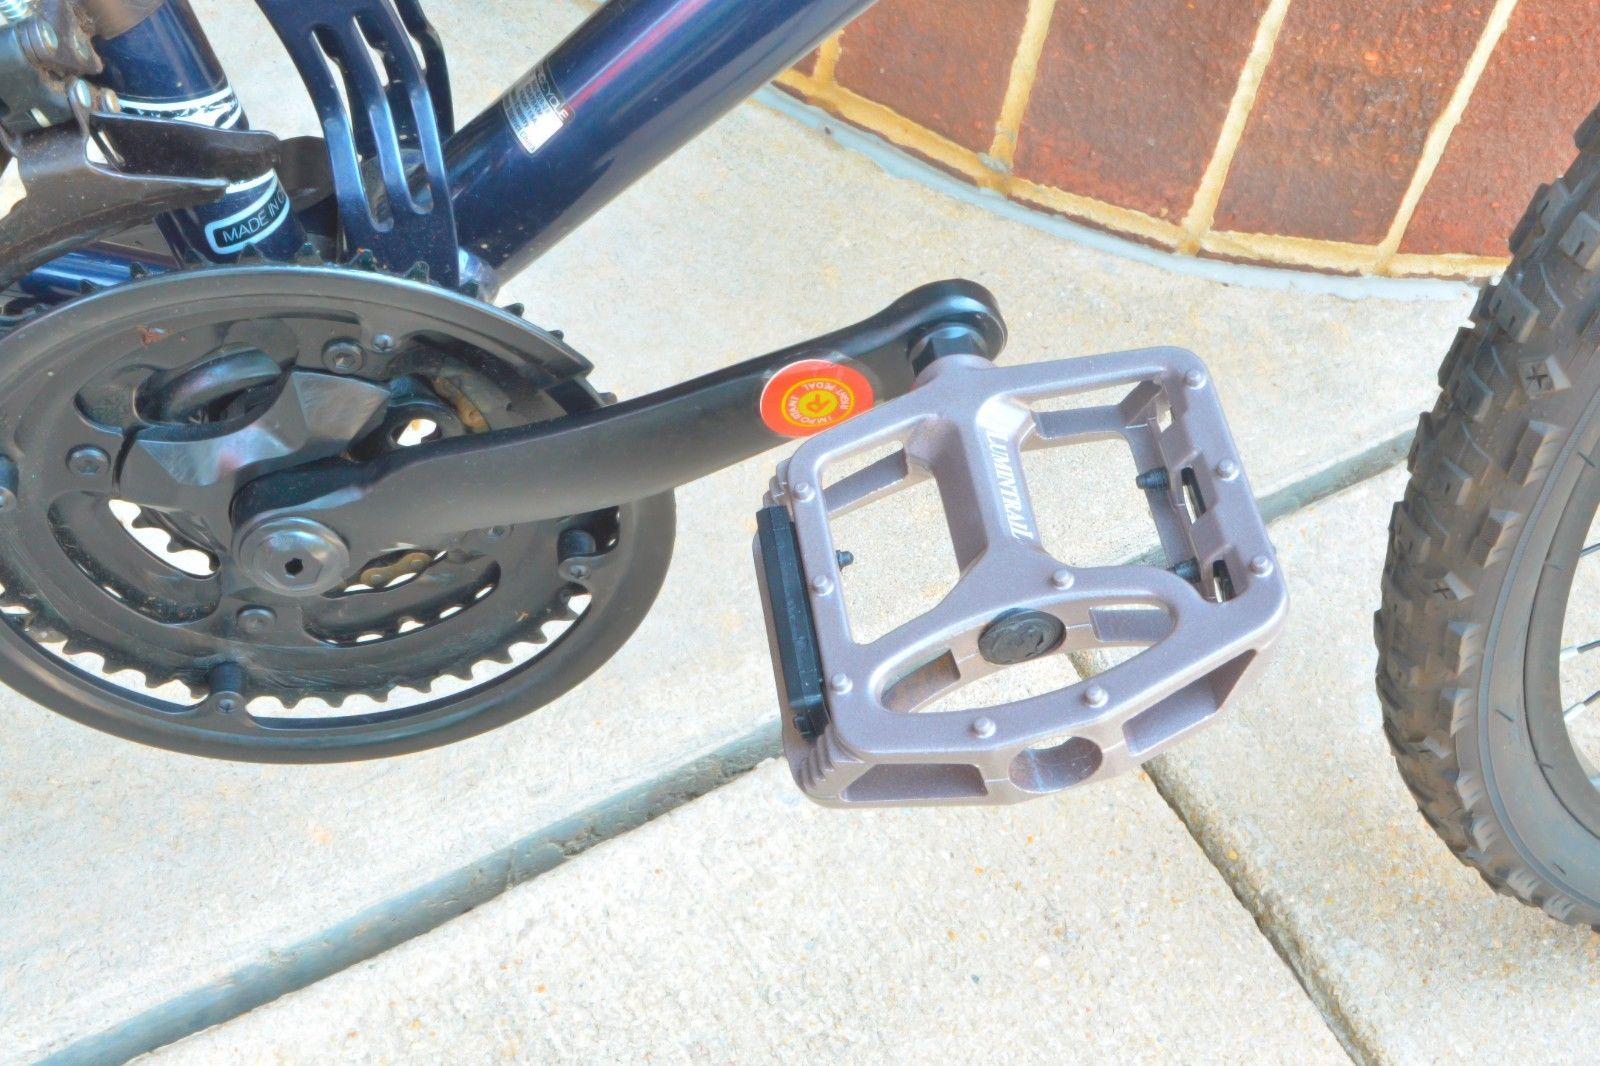 Lumintrail-Big-Foot-Bike-Pedals-Road-MTB-BMX-Aluminum-Alloy-Flat-Platform-9-16-034 thumbnail 14